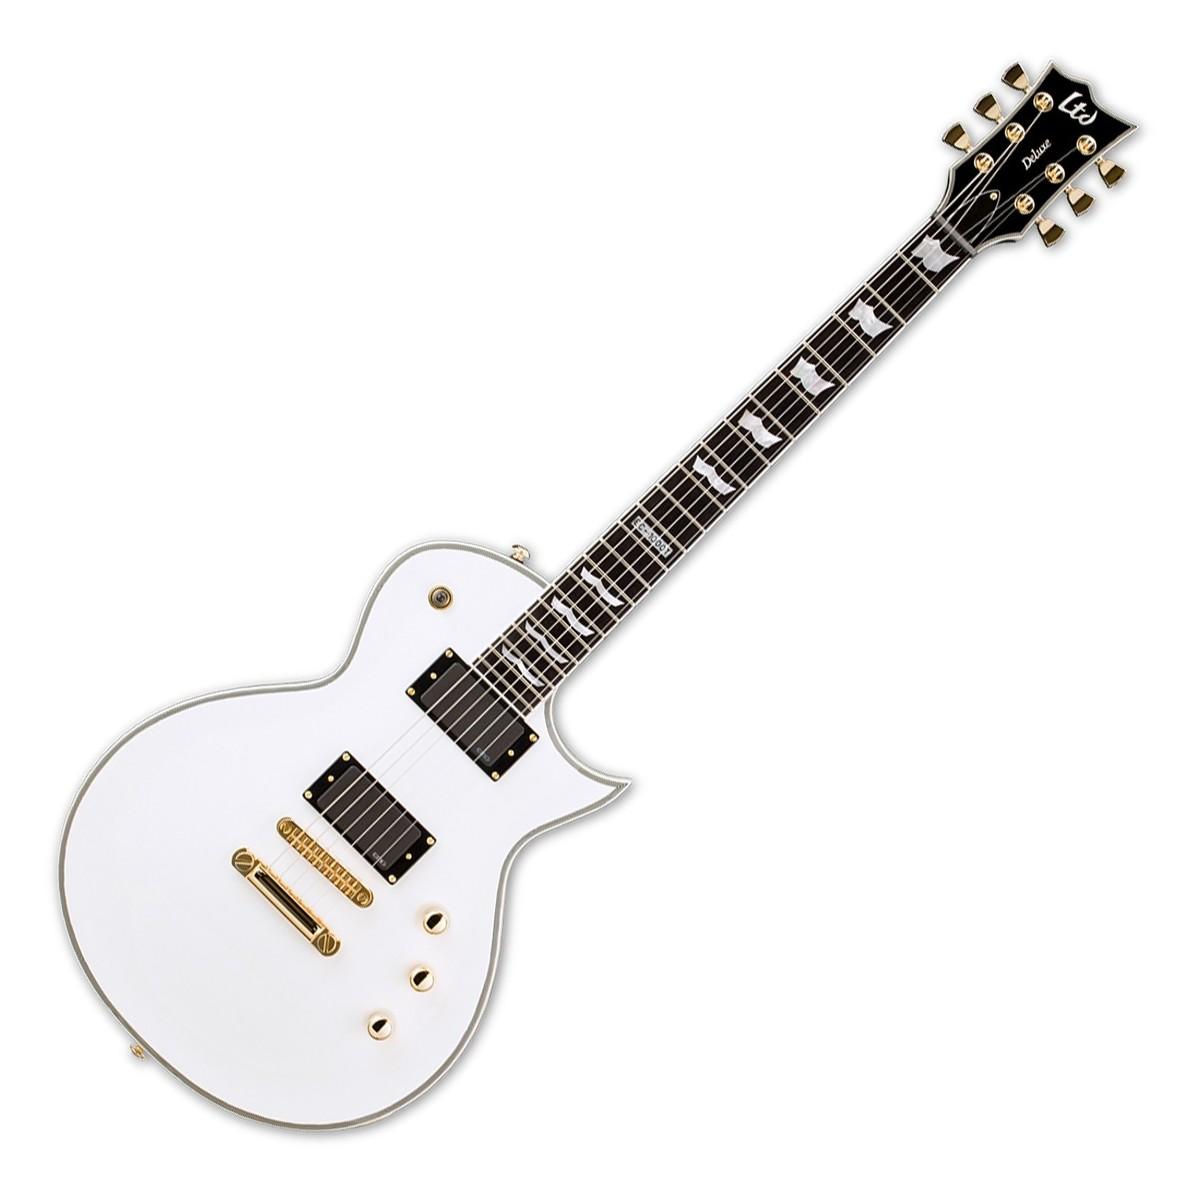 esp ltd ec ctm electric guitar  snow white